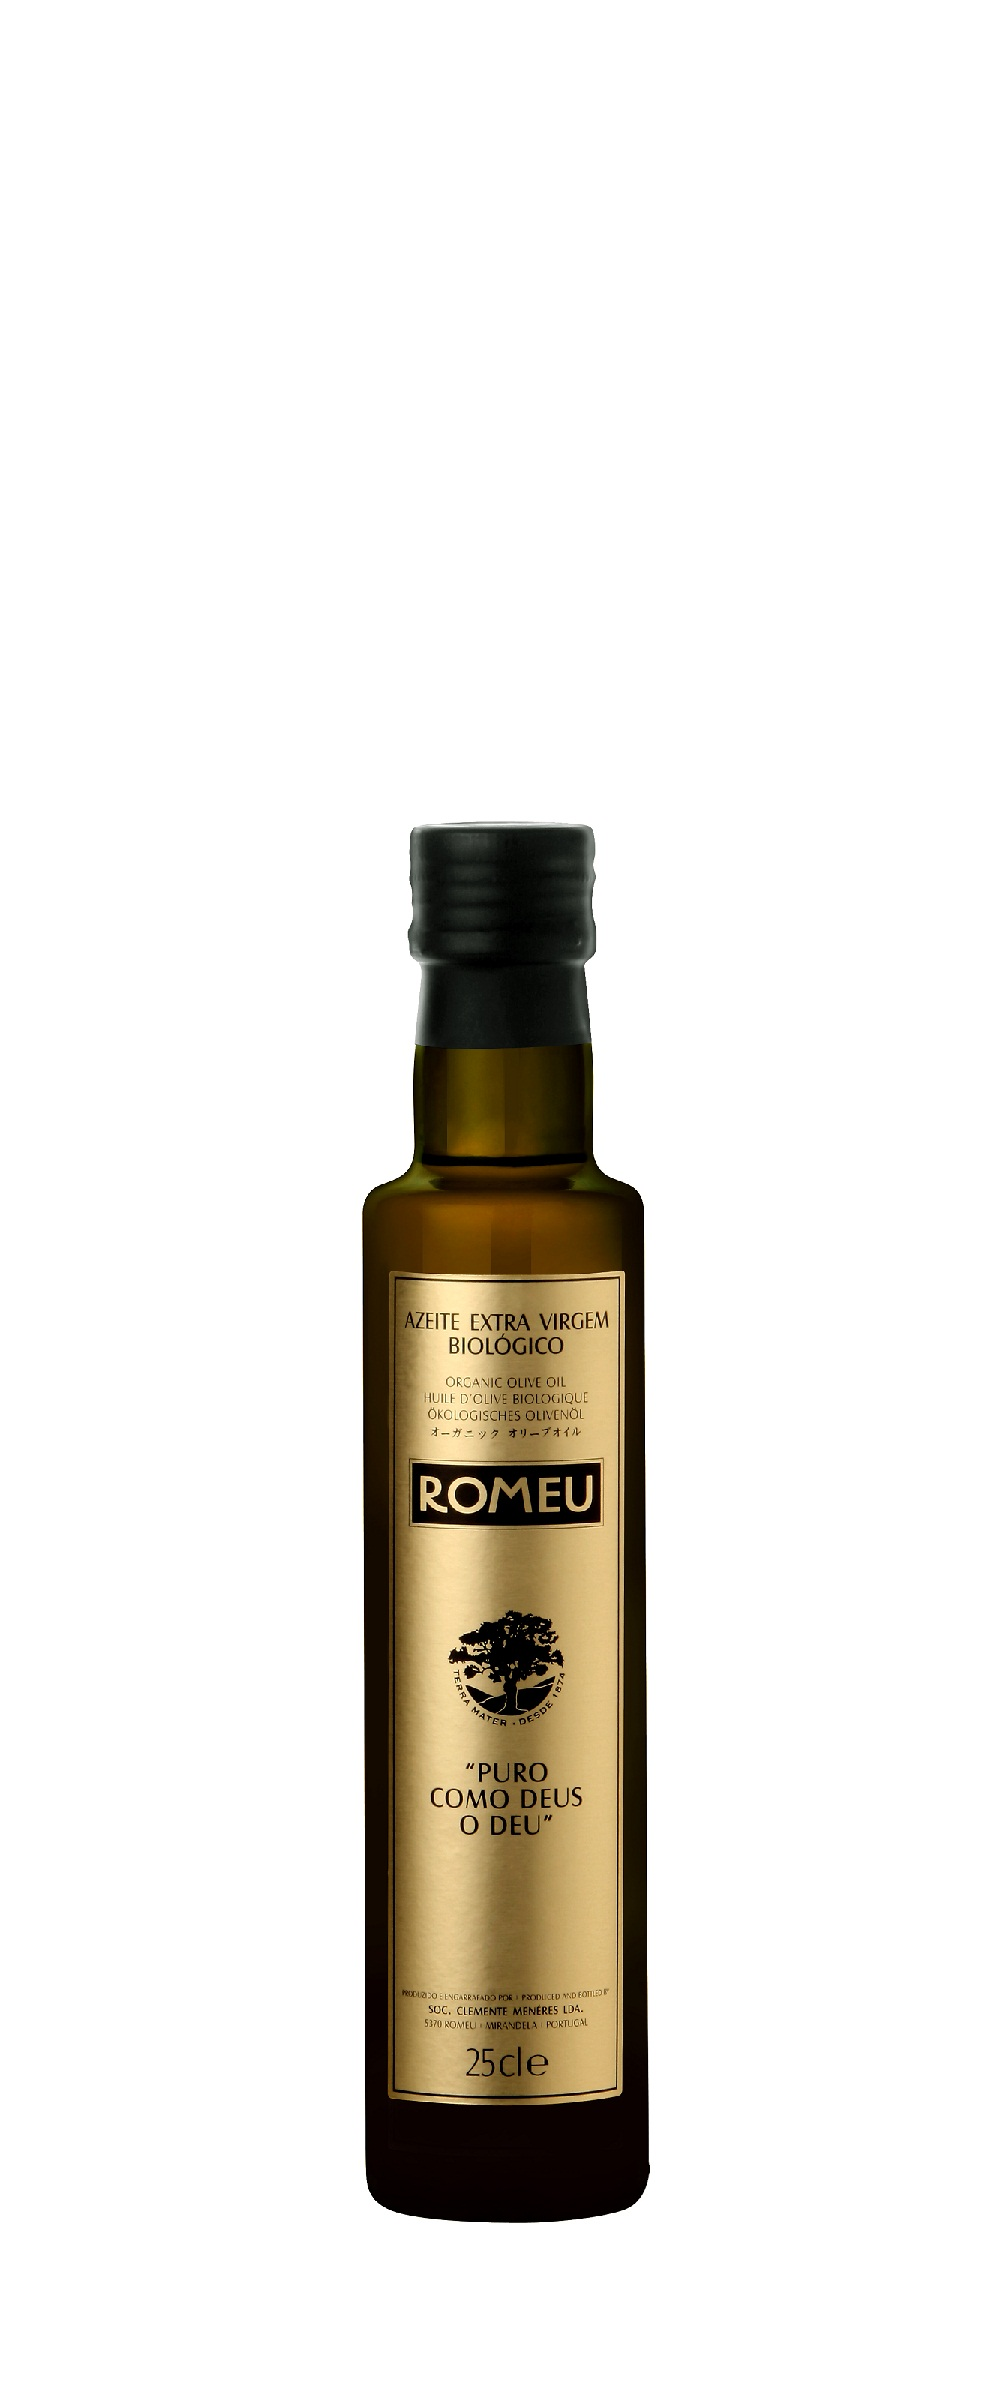 Azeite Romeu DOP Biológico 25cl.